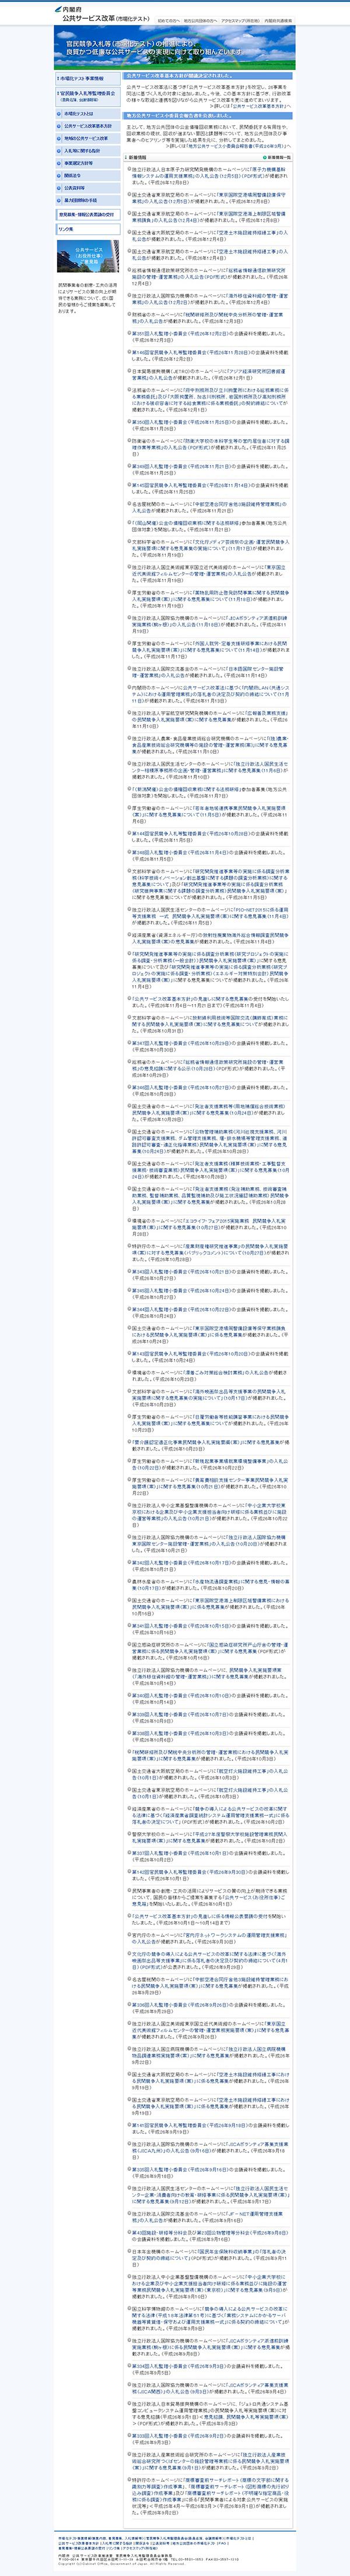 内閣府/公共サービス改革(市場化テスト)スクリーンショット